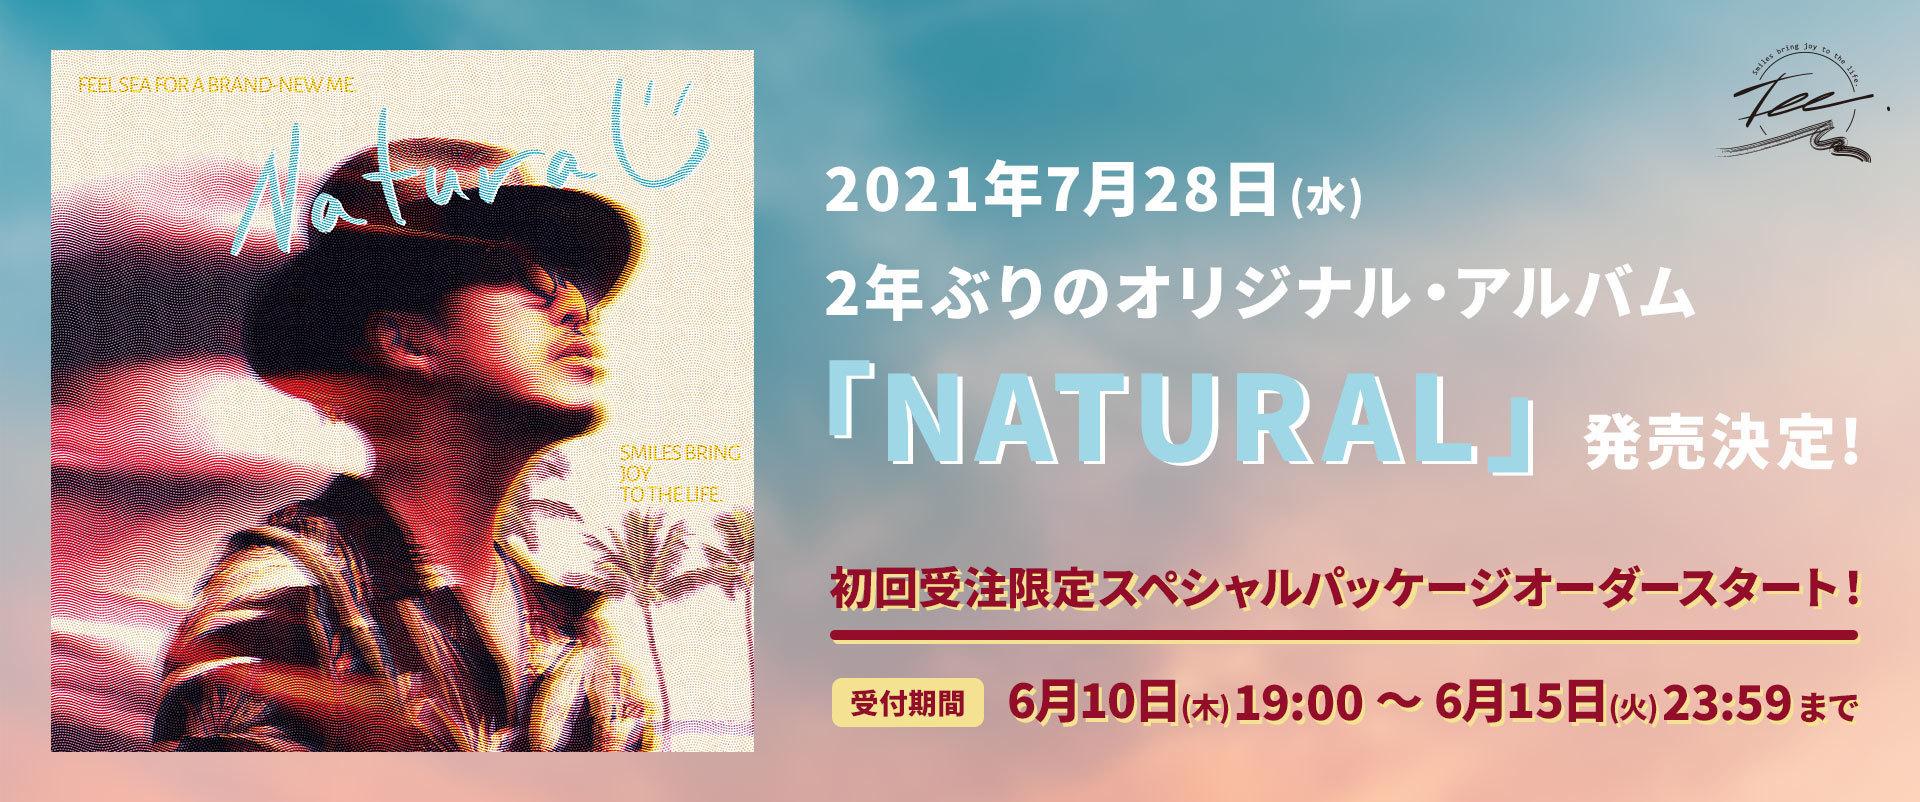 New AL「NATURAL」